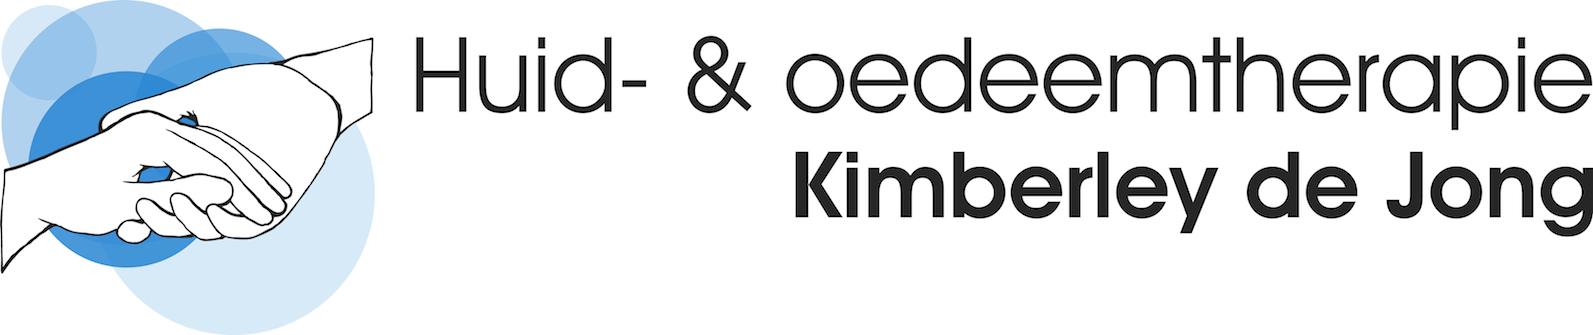 Huid- en oedeemtherapie Kimberley de Jong voor littekentherapie, lymftherapie, camouflage therapie, aanmeten van elastische kousen, acne- en onthaarbehandelingen advies en zelfmanagement